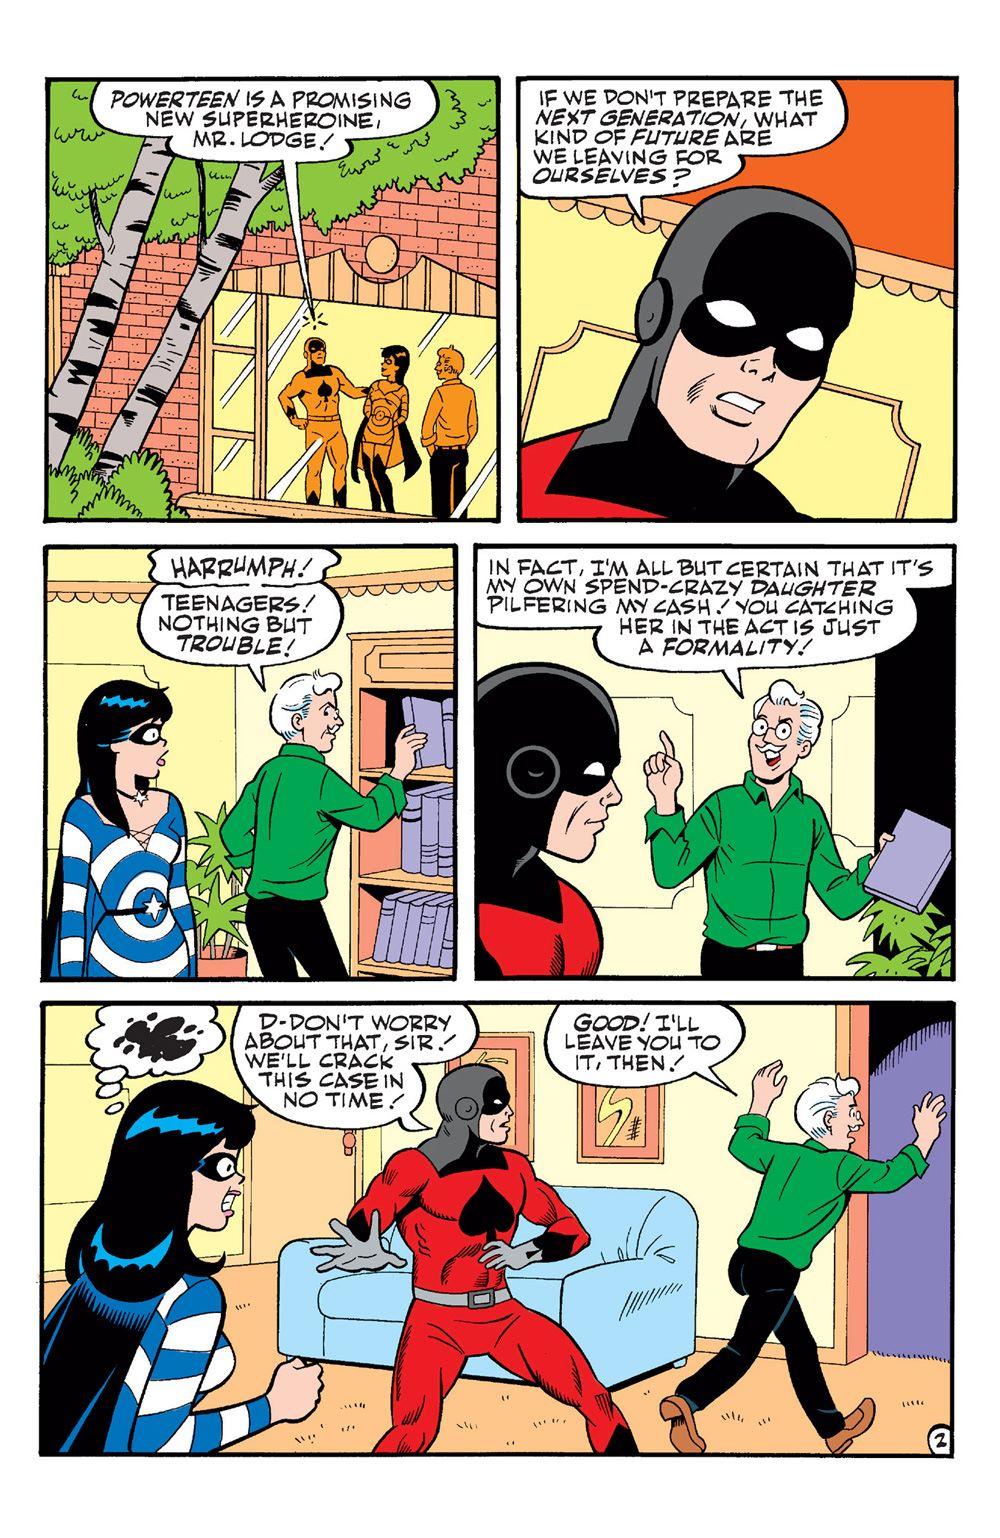 ArchieAndFriends_Superheroes-14 ComicList Previews: ARCHIE AND FRIENDS SUPERHEROES #1